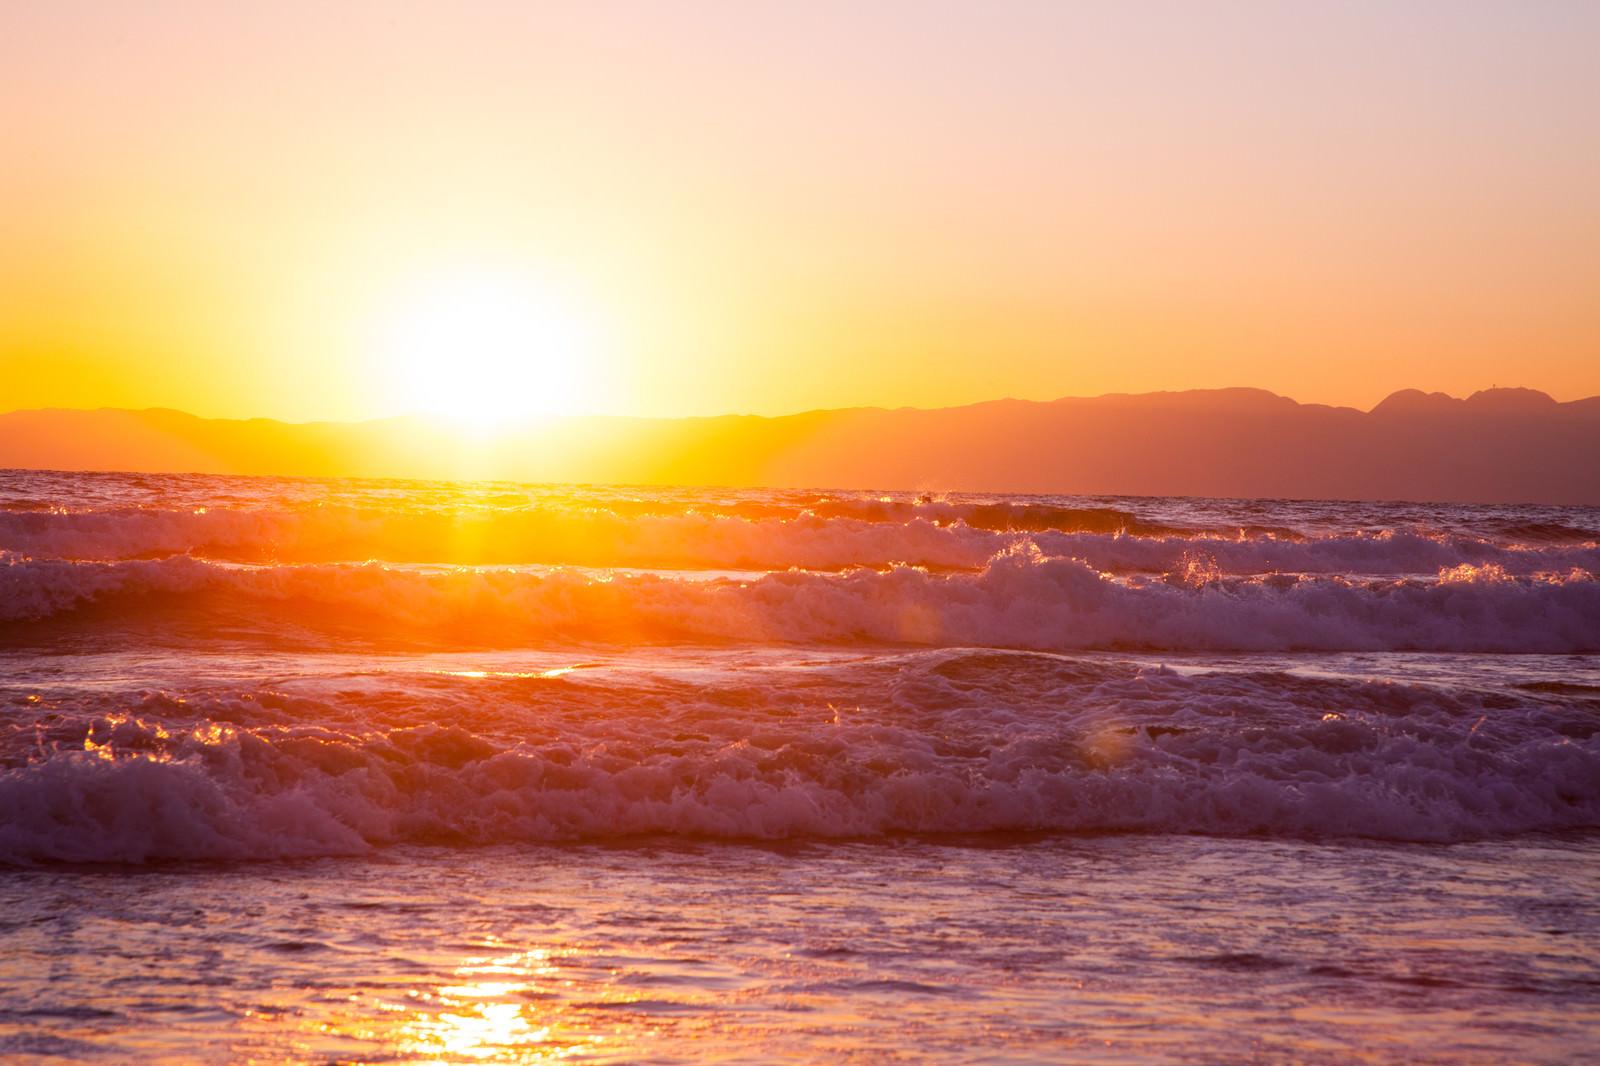 荒れた波に朝日壁紙